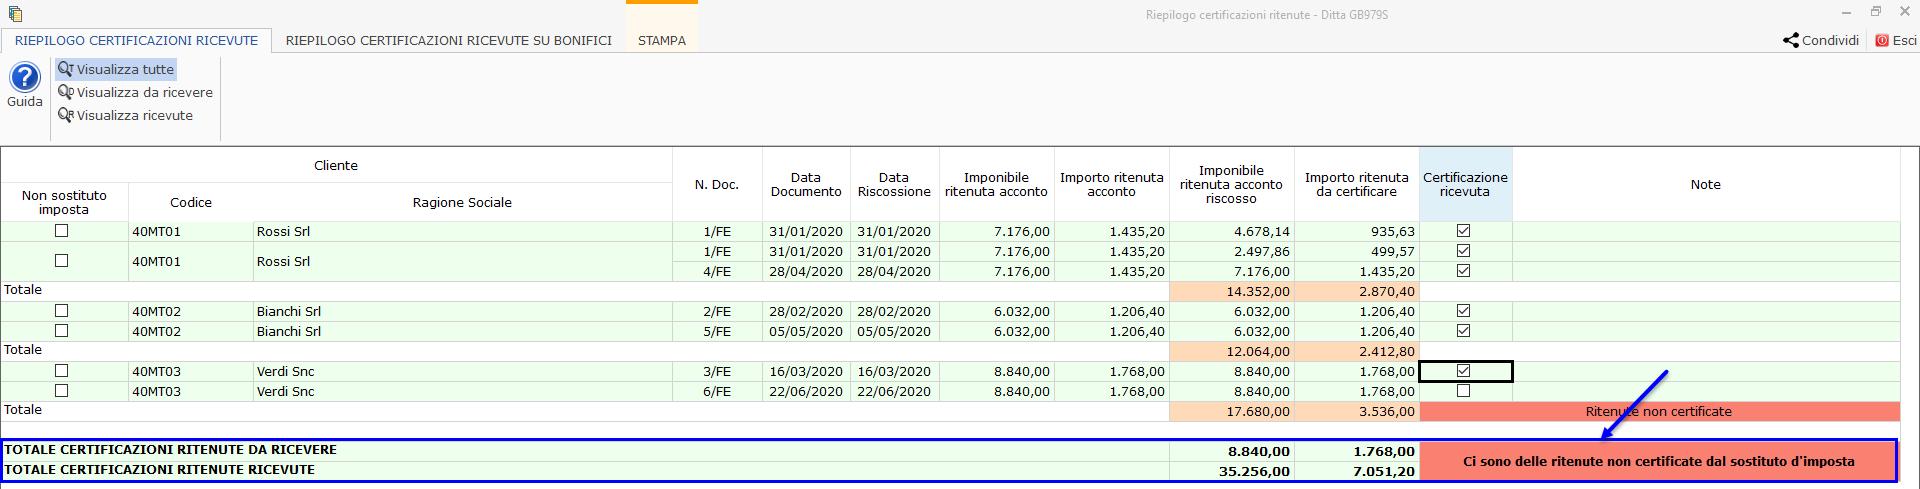 Riepilogo Certificazioni e simulazione del Quadro RE : segnalazione di ritenute non certificate per uno più clienti nella parte inferiore del prospetto